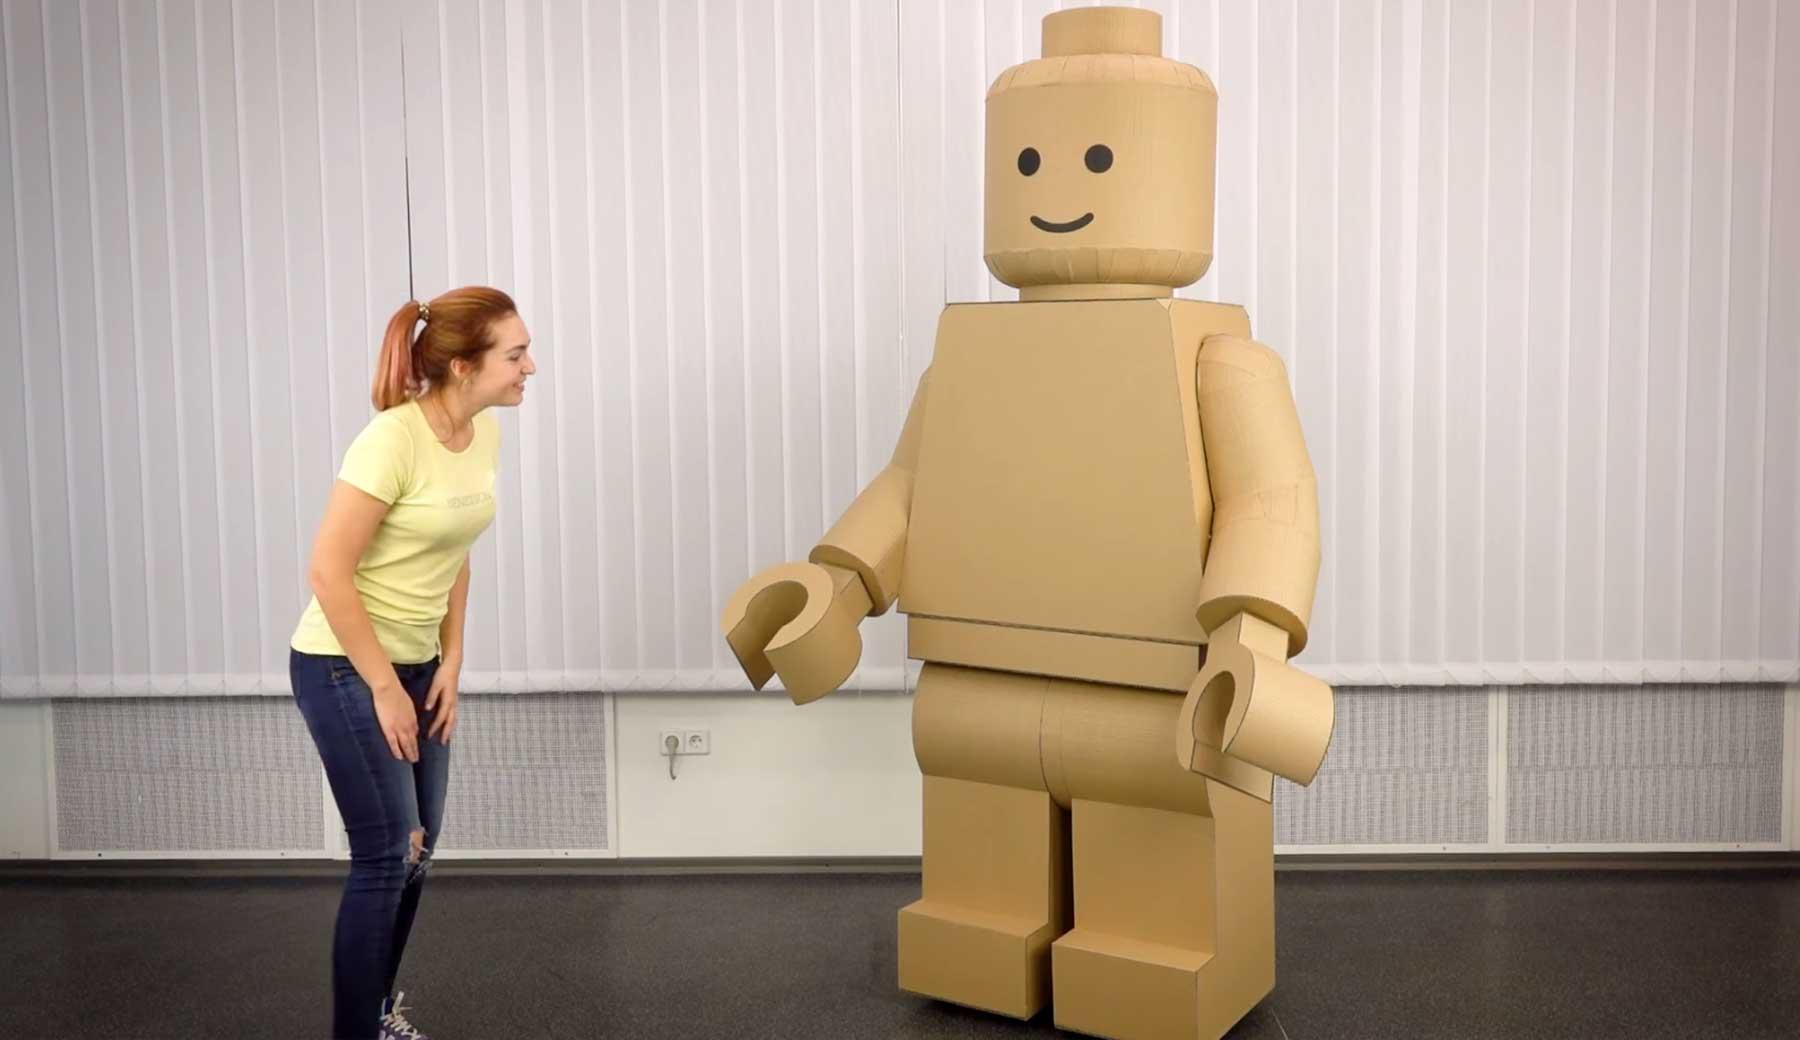 Gigantisches LEGO-Figur-Kostüm aus Pappe lego-kostuem